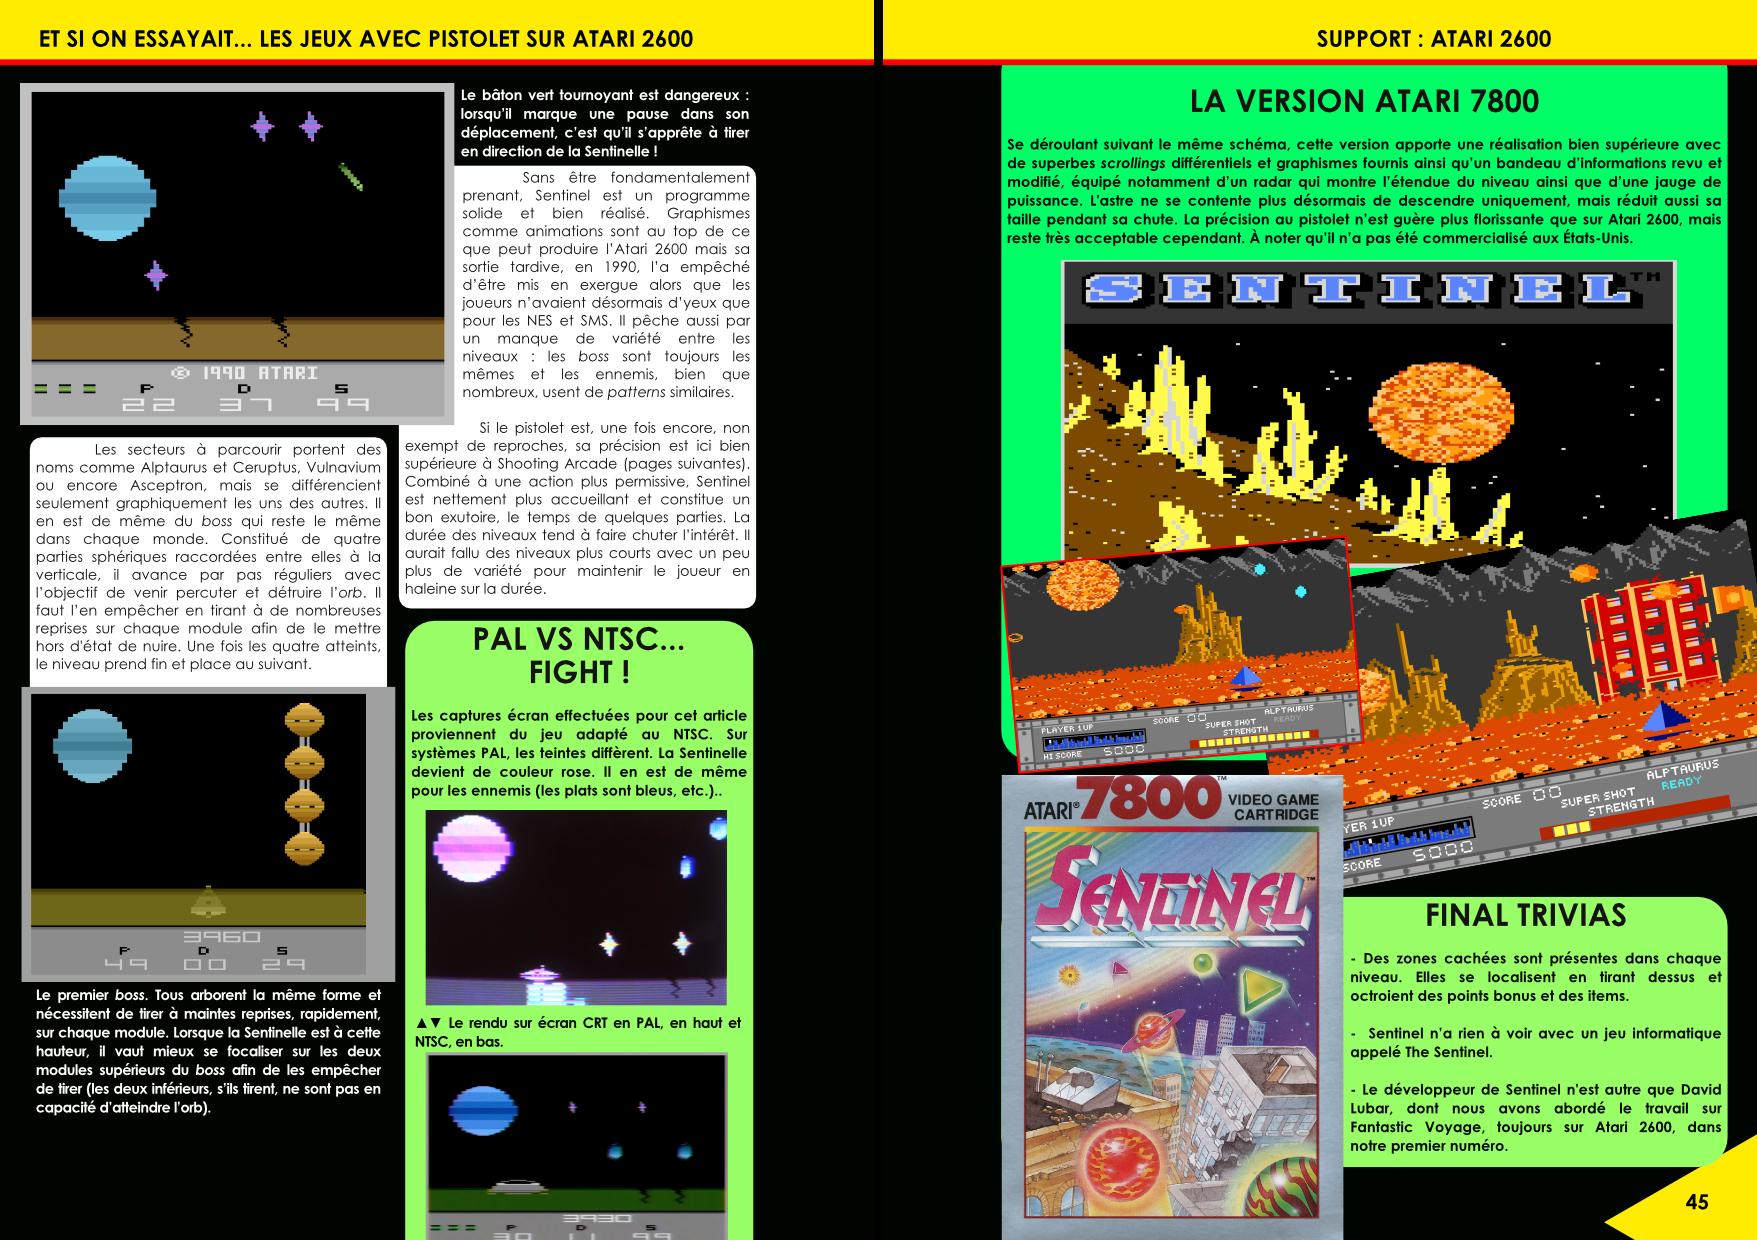 Les jeux avec pistolet sur Atari 2600 article du magazine Côté Gamers